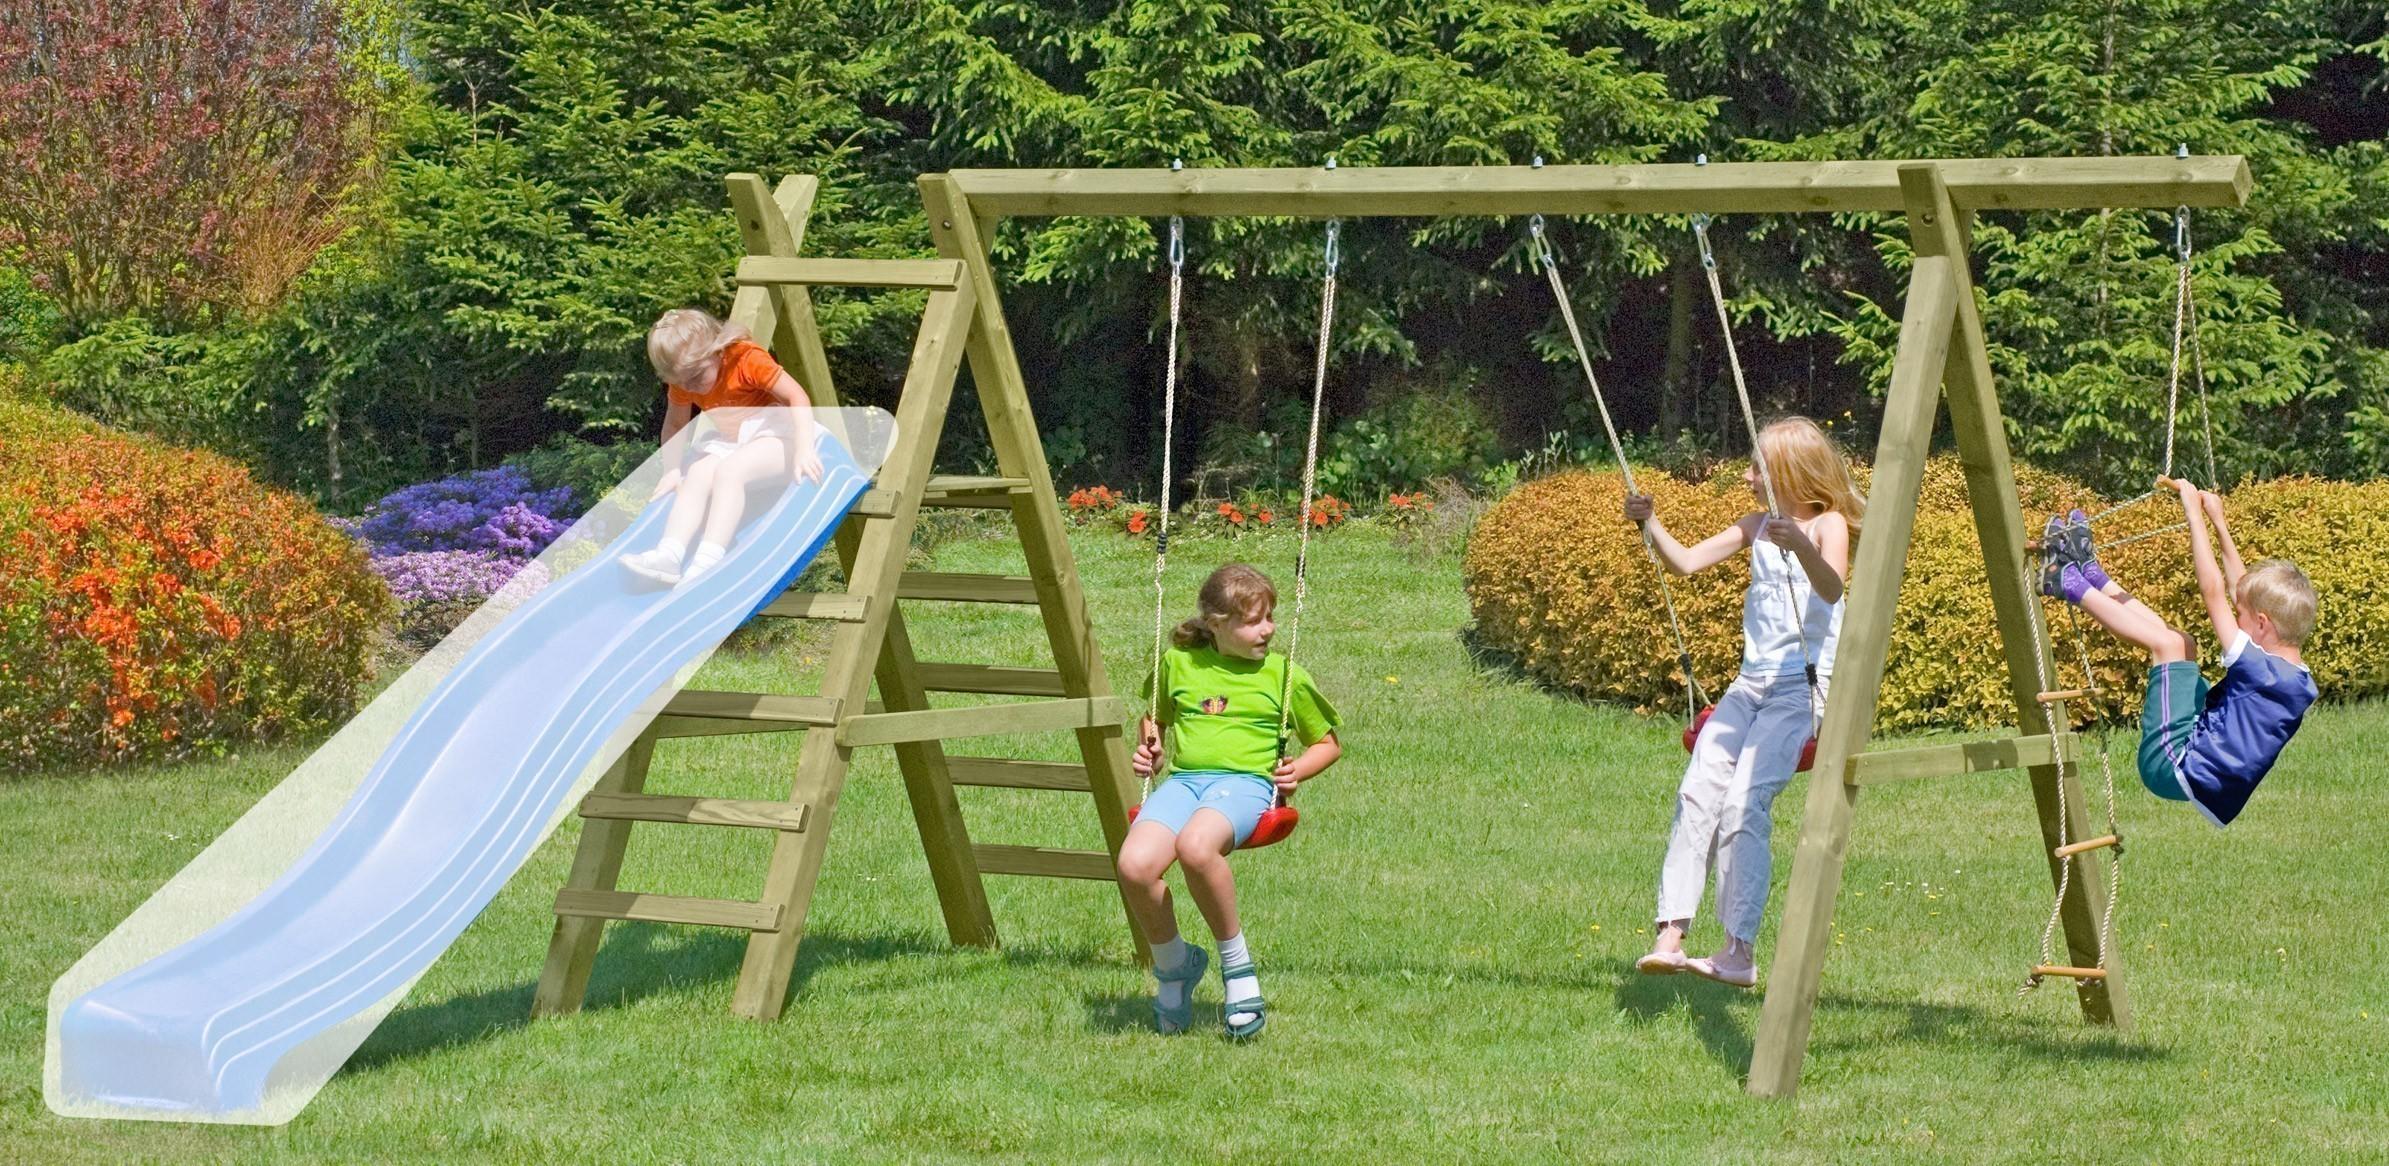 Spielanlage / Doppel Holzschaukel Premium 5.2 Kantholz B430xT190cm Bild 1